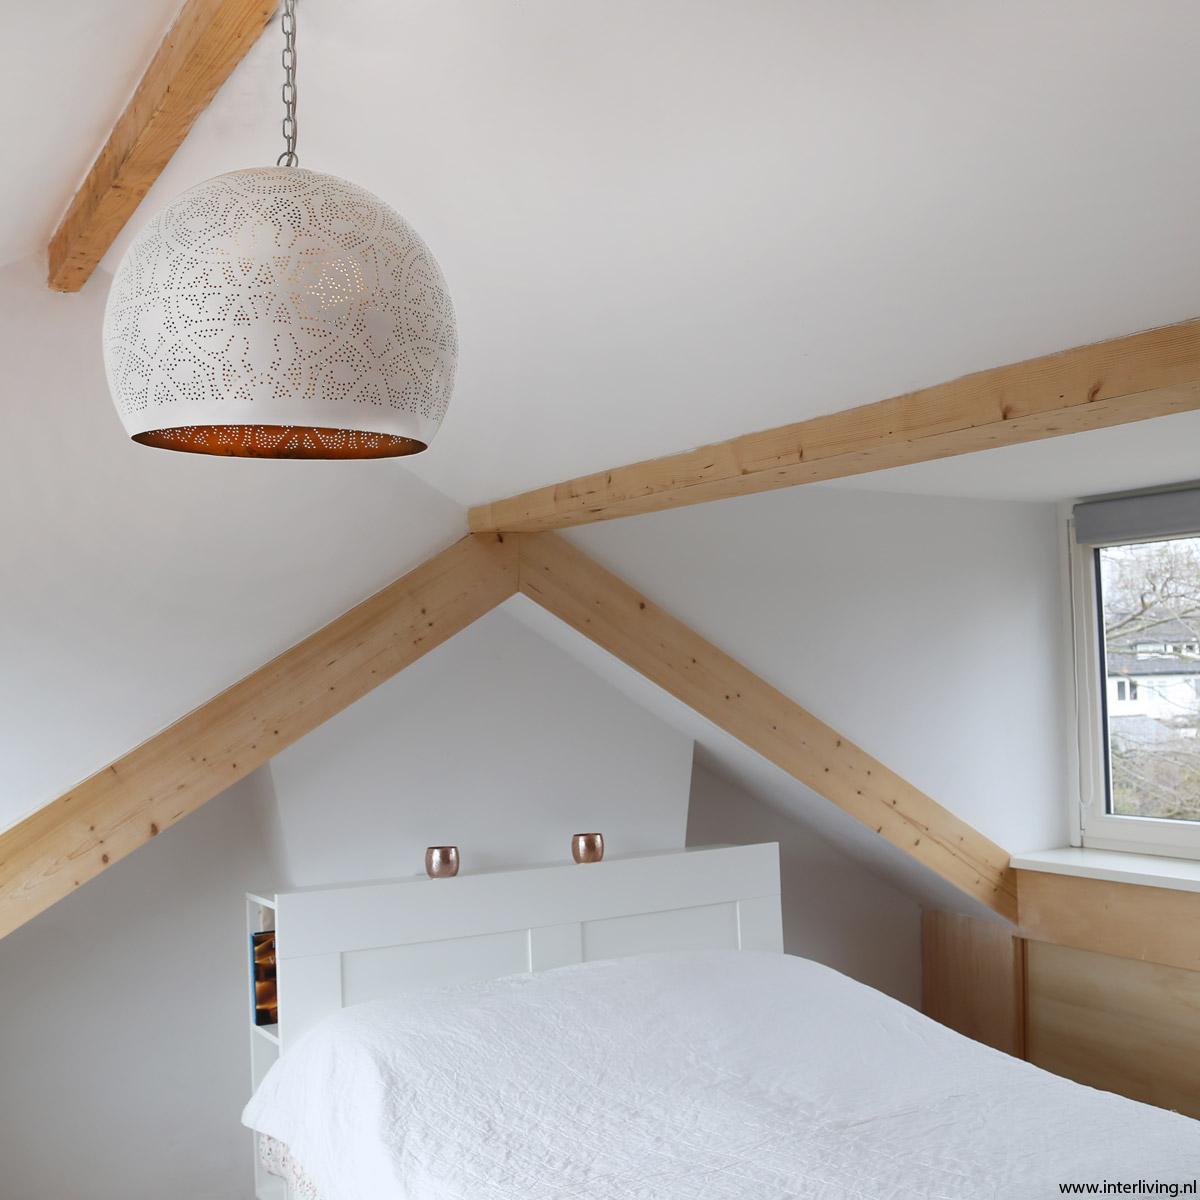 oosterse hanglamp op zolder